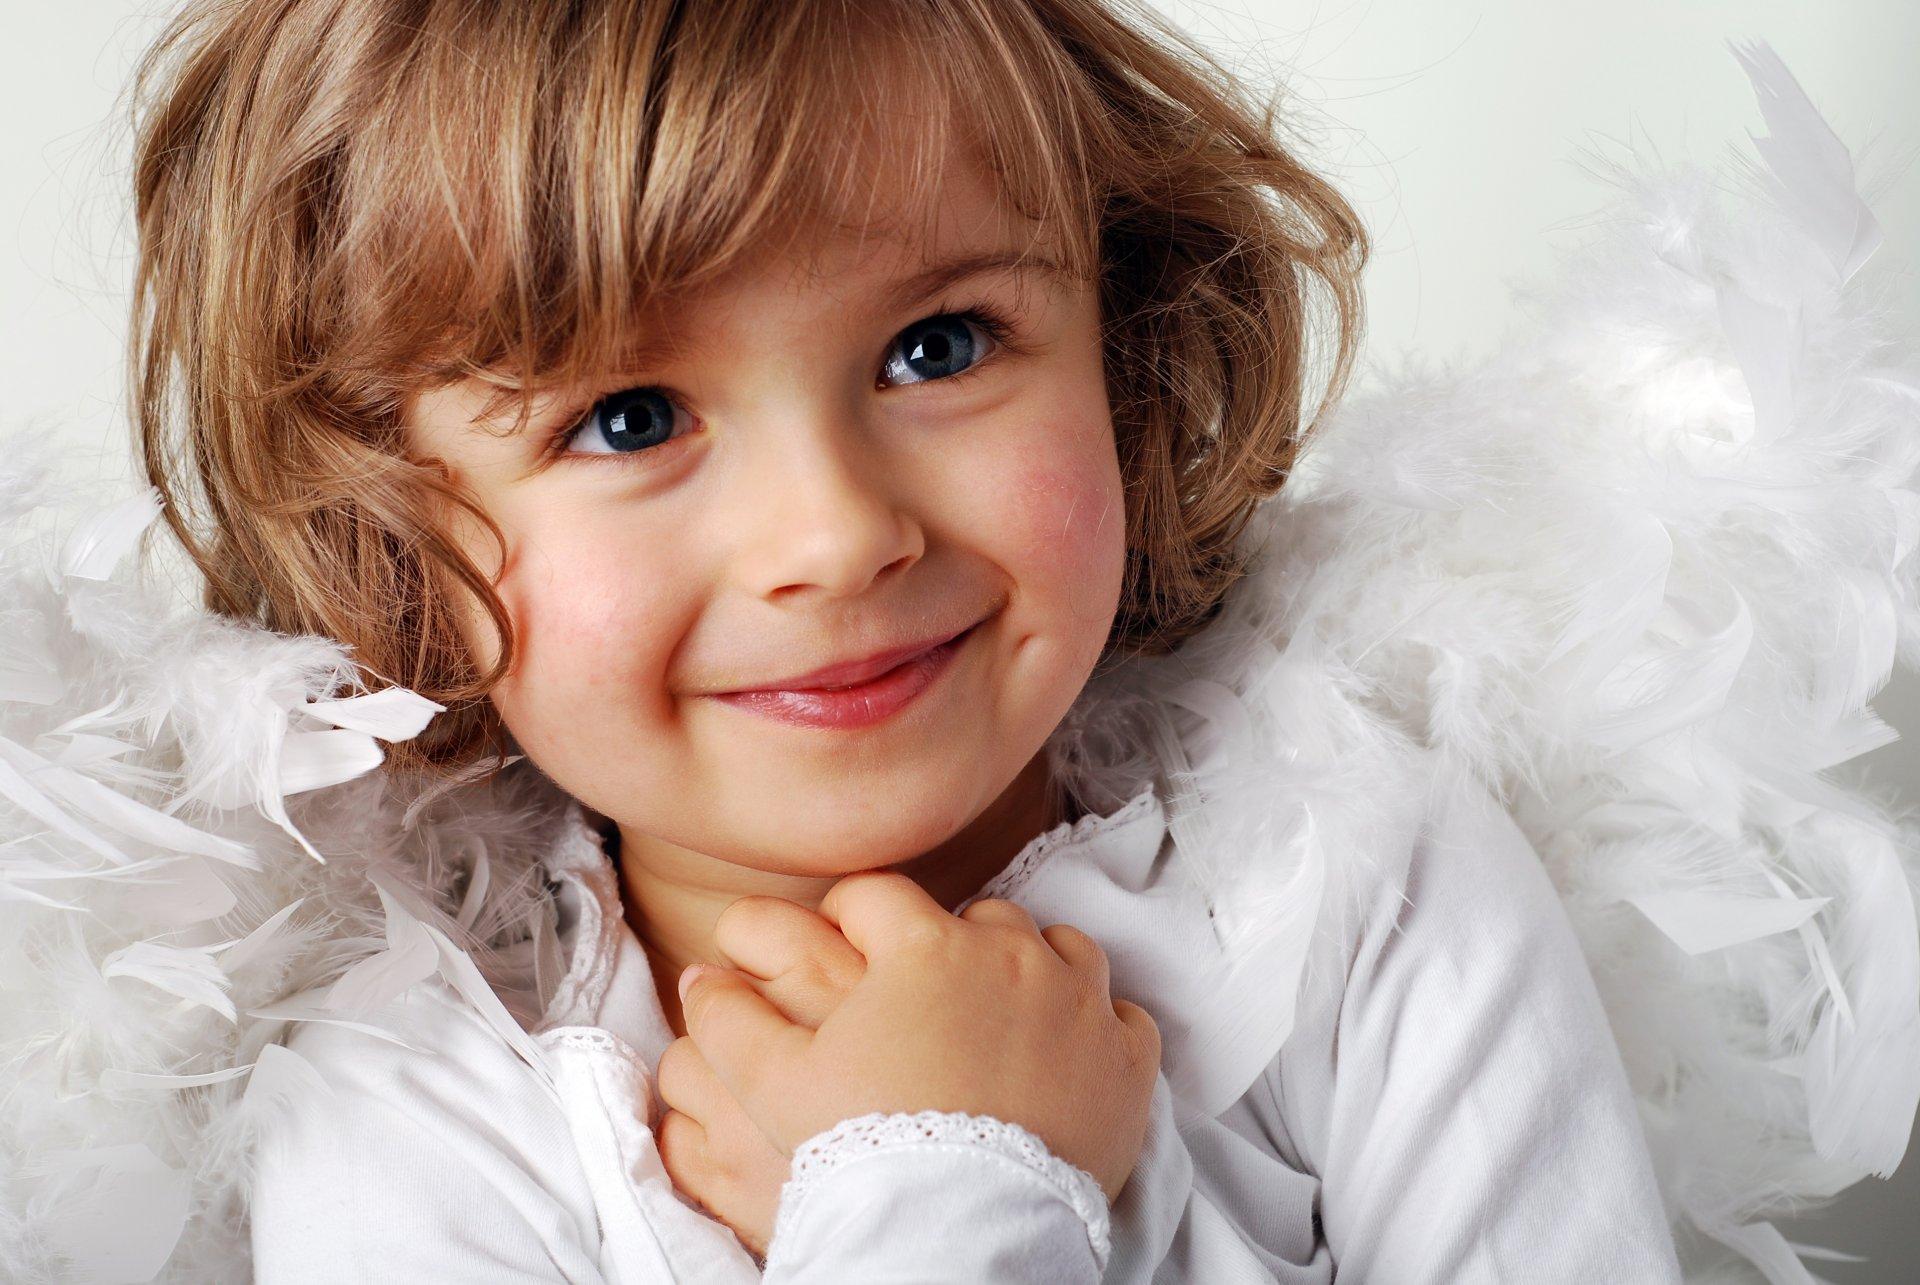 Ребенок милая картинка